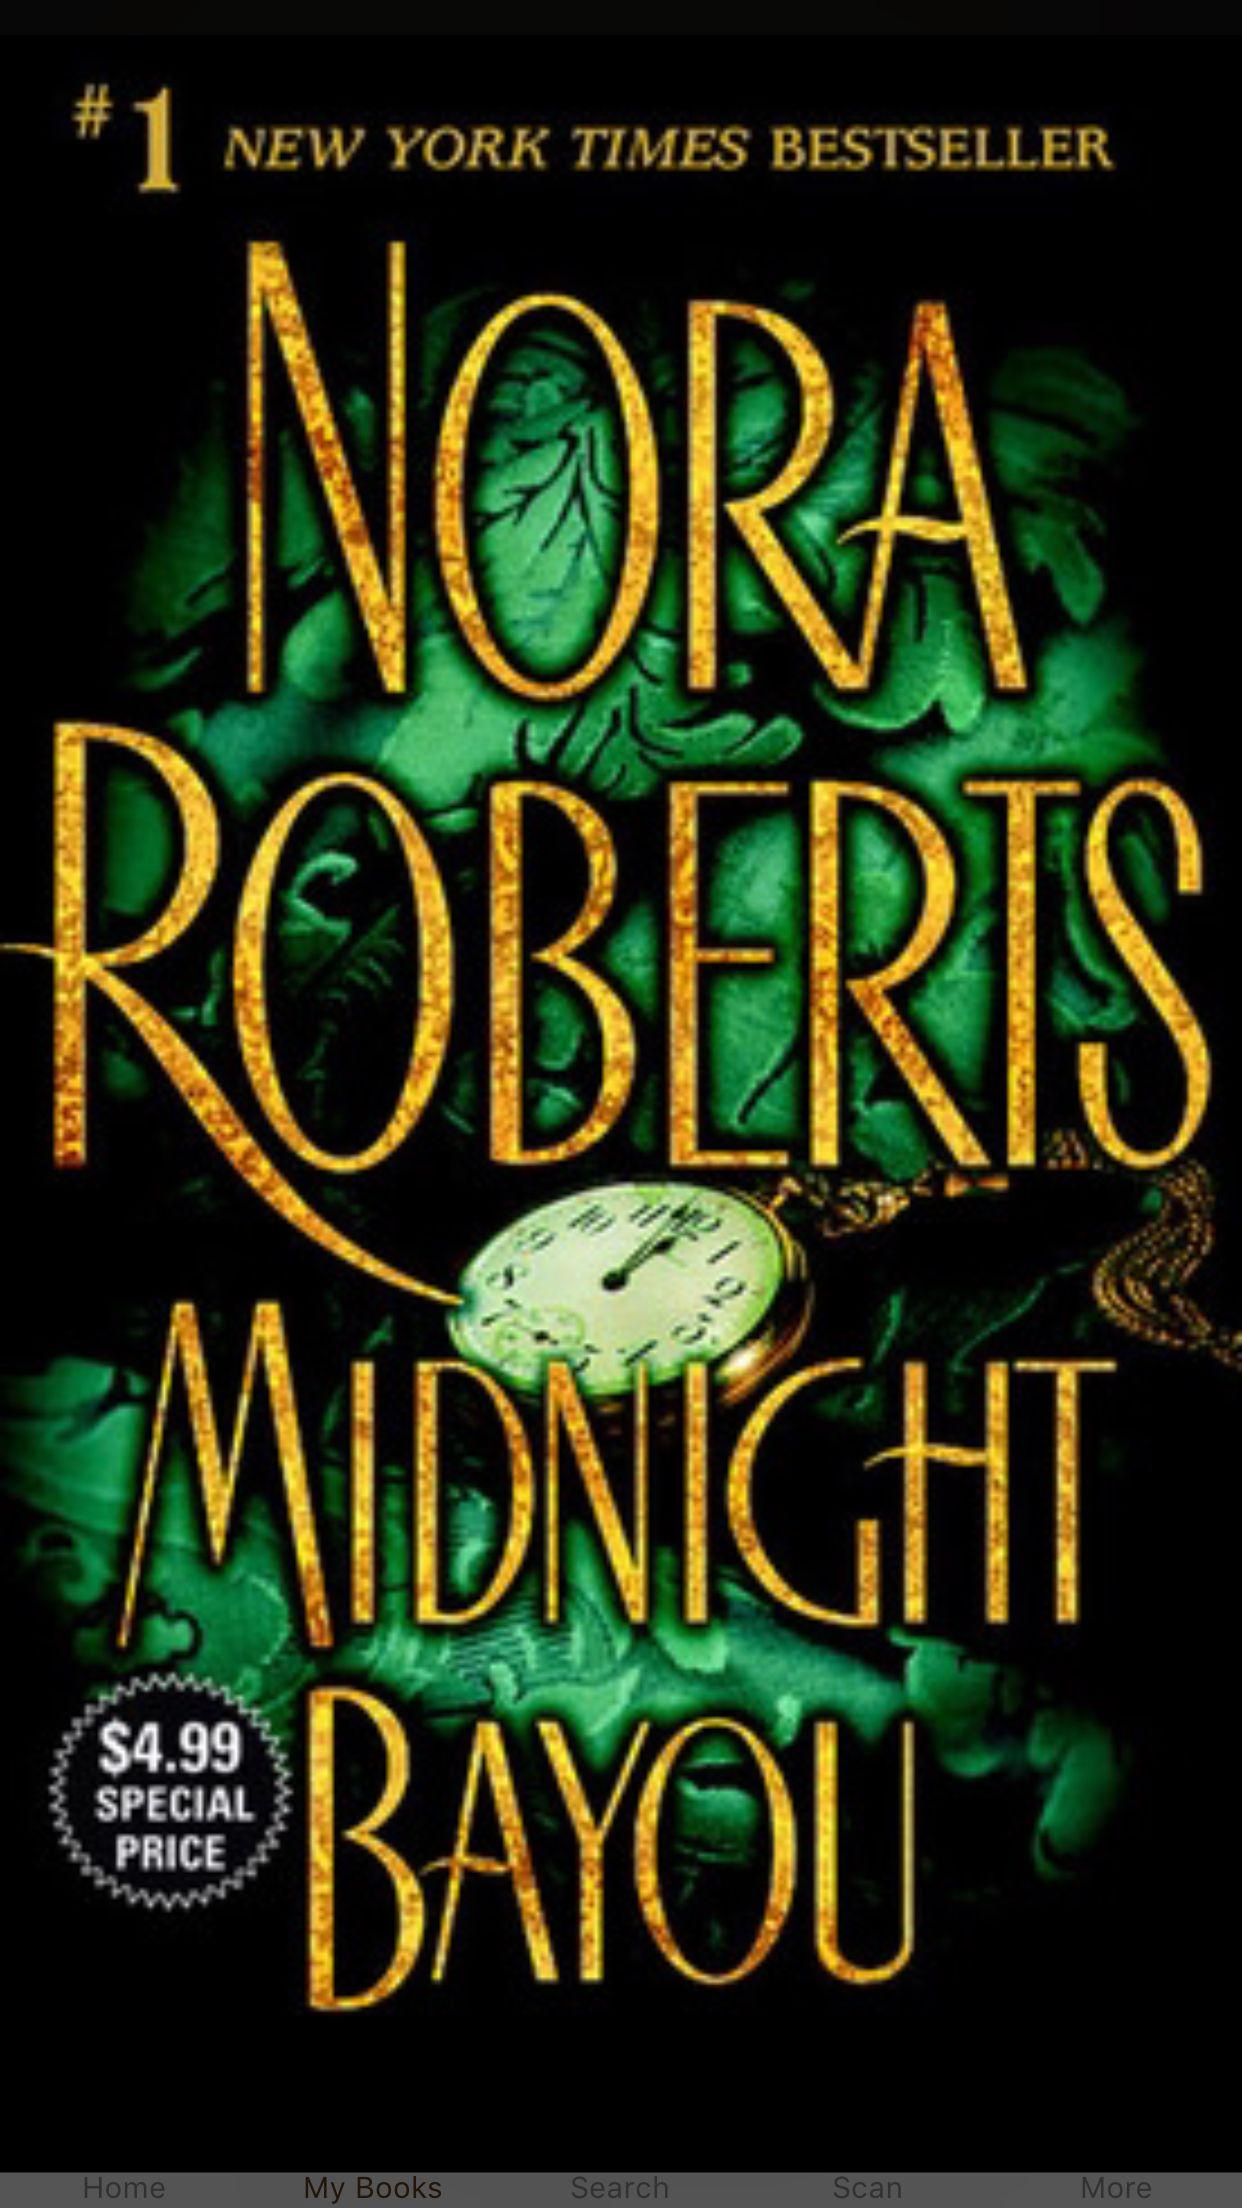 Midnight bayou nora roberts books nora roberts